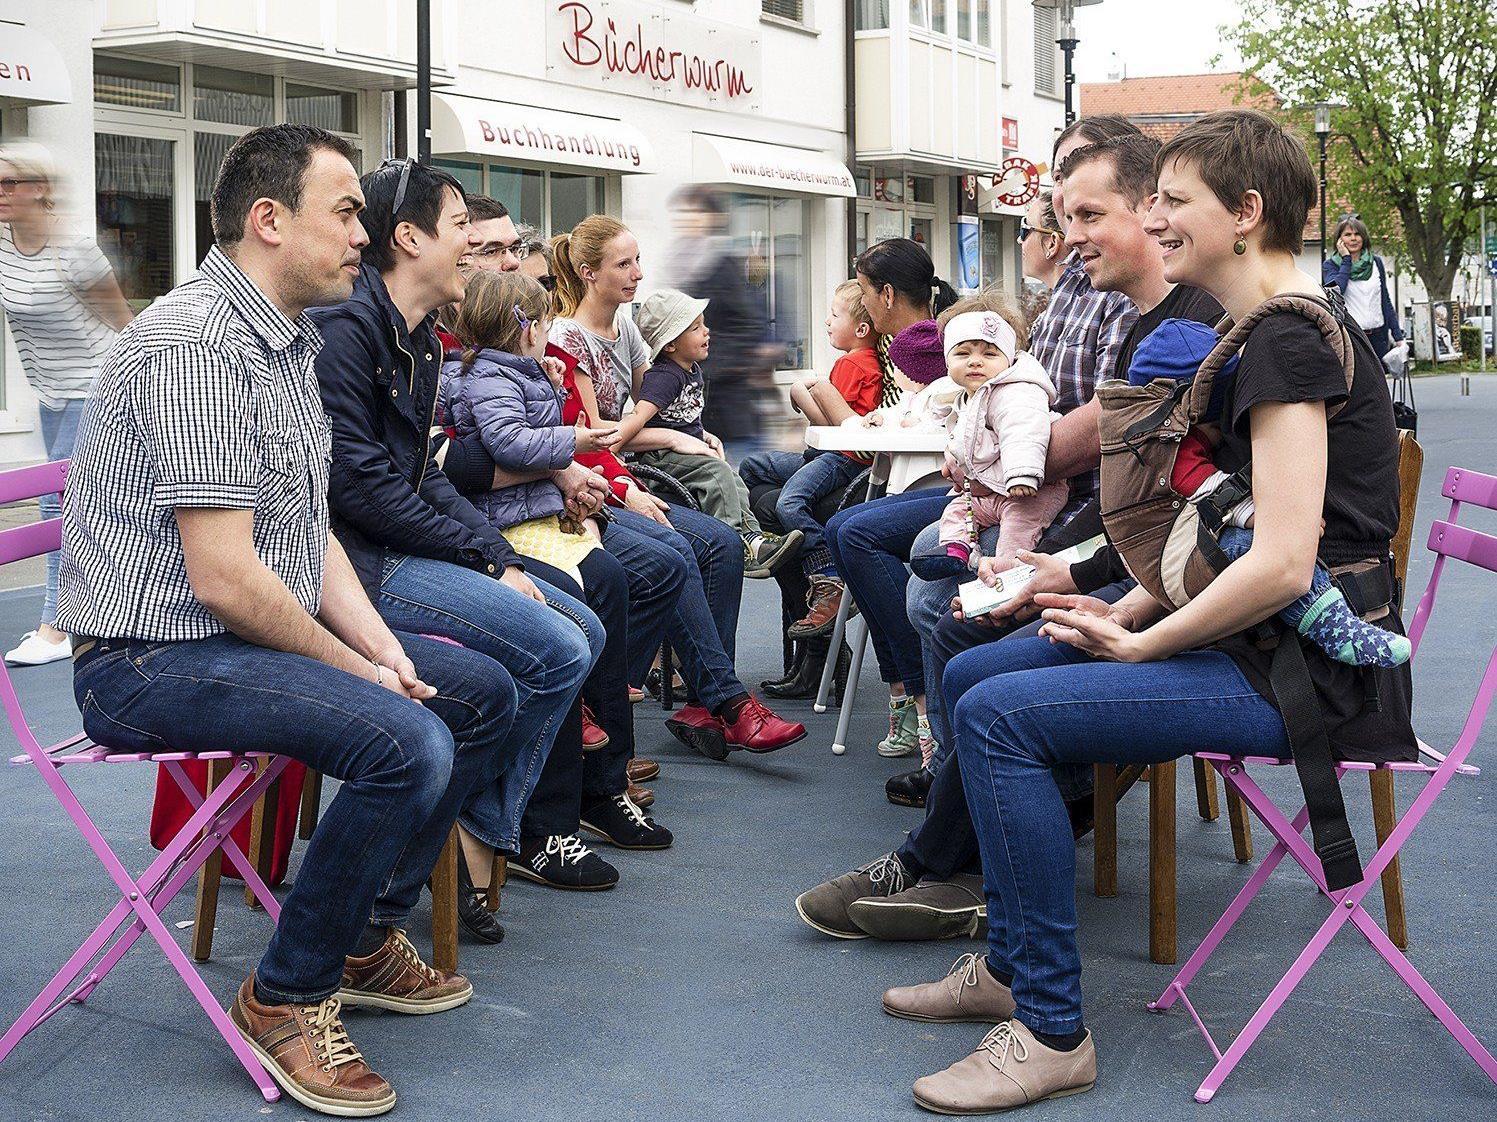 Erstmals in Vorarlberg: Lustenauerinnen und Lustenauer treffen sich am Kirchplatz und reden darüber, wie sie in ihrer Gemeinde zusammenleben möchten.